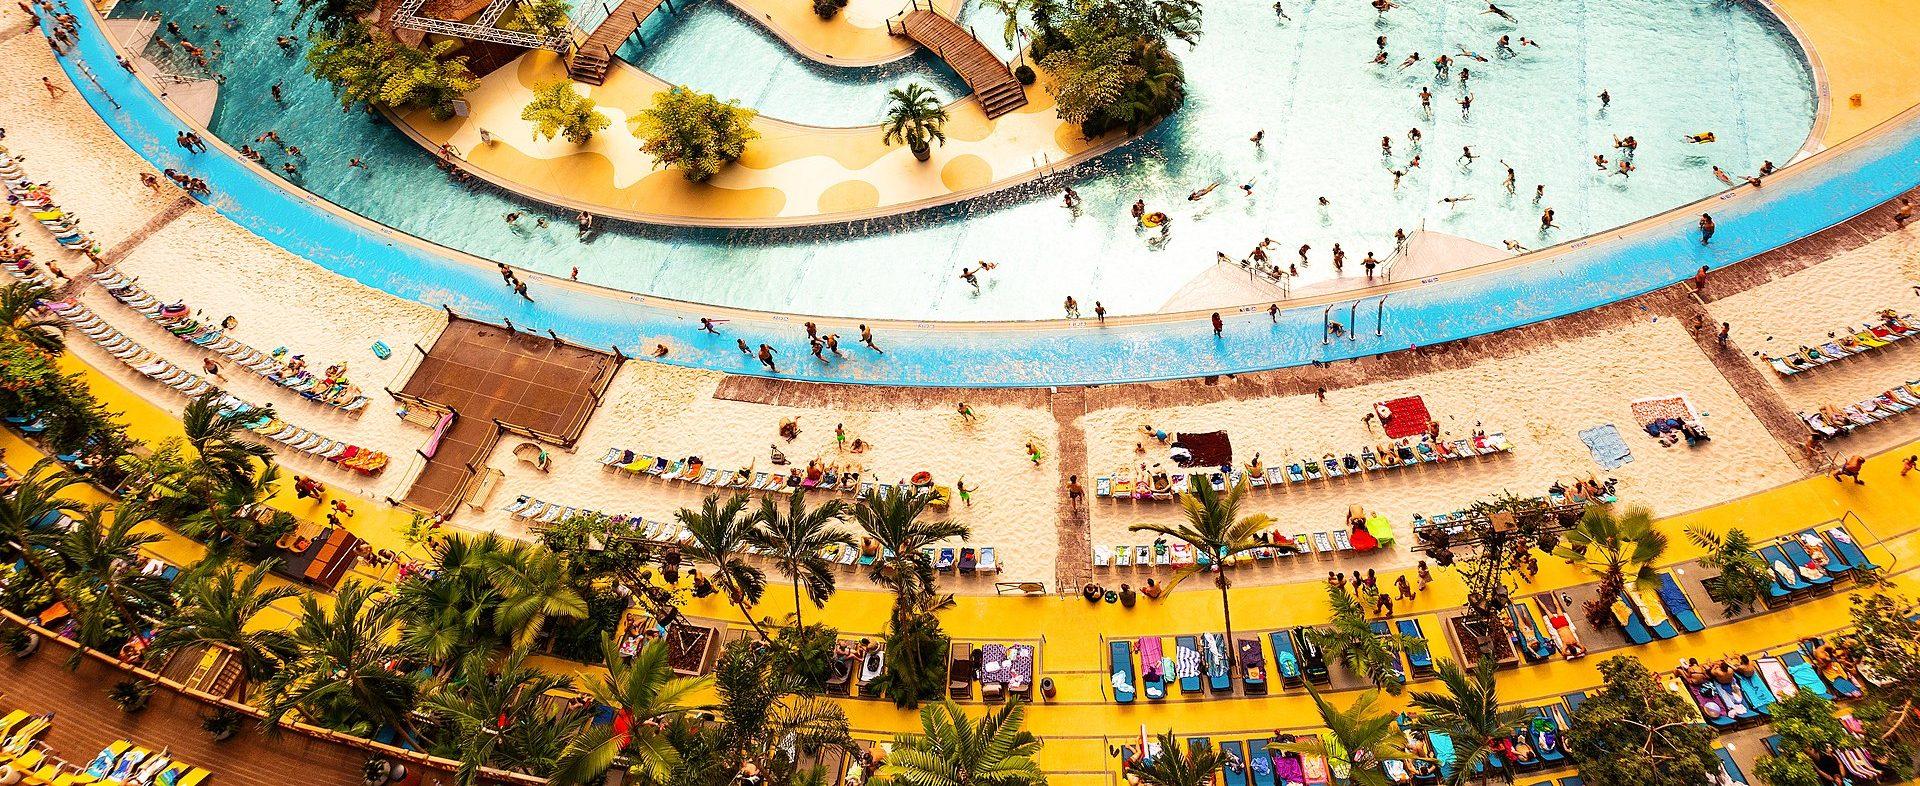 Reisisihtkohad sügisel – Siseruumitroopika ja termaalveebasseinid on lahenduseks sügismasendusele